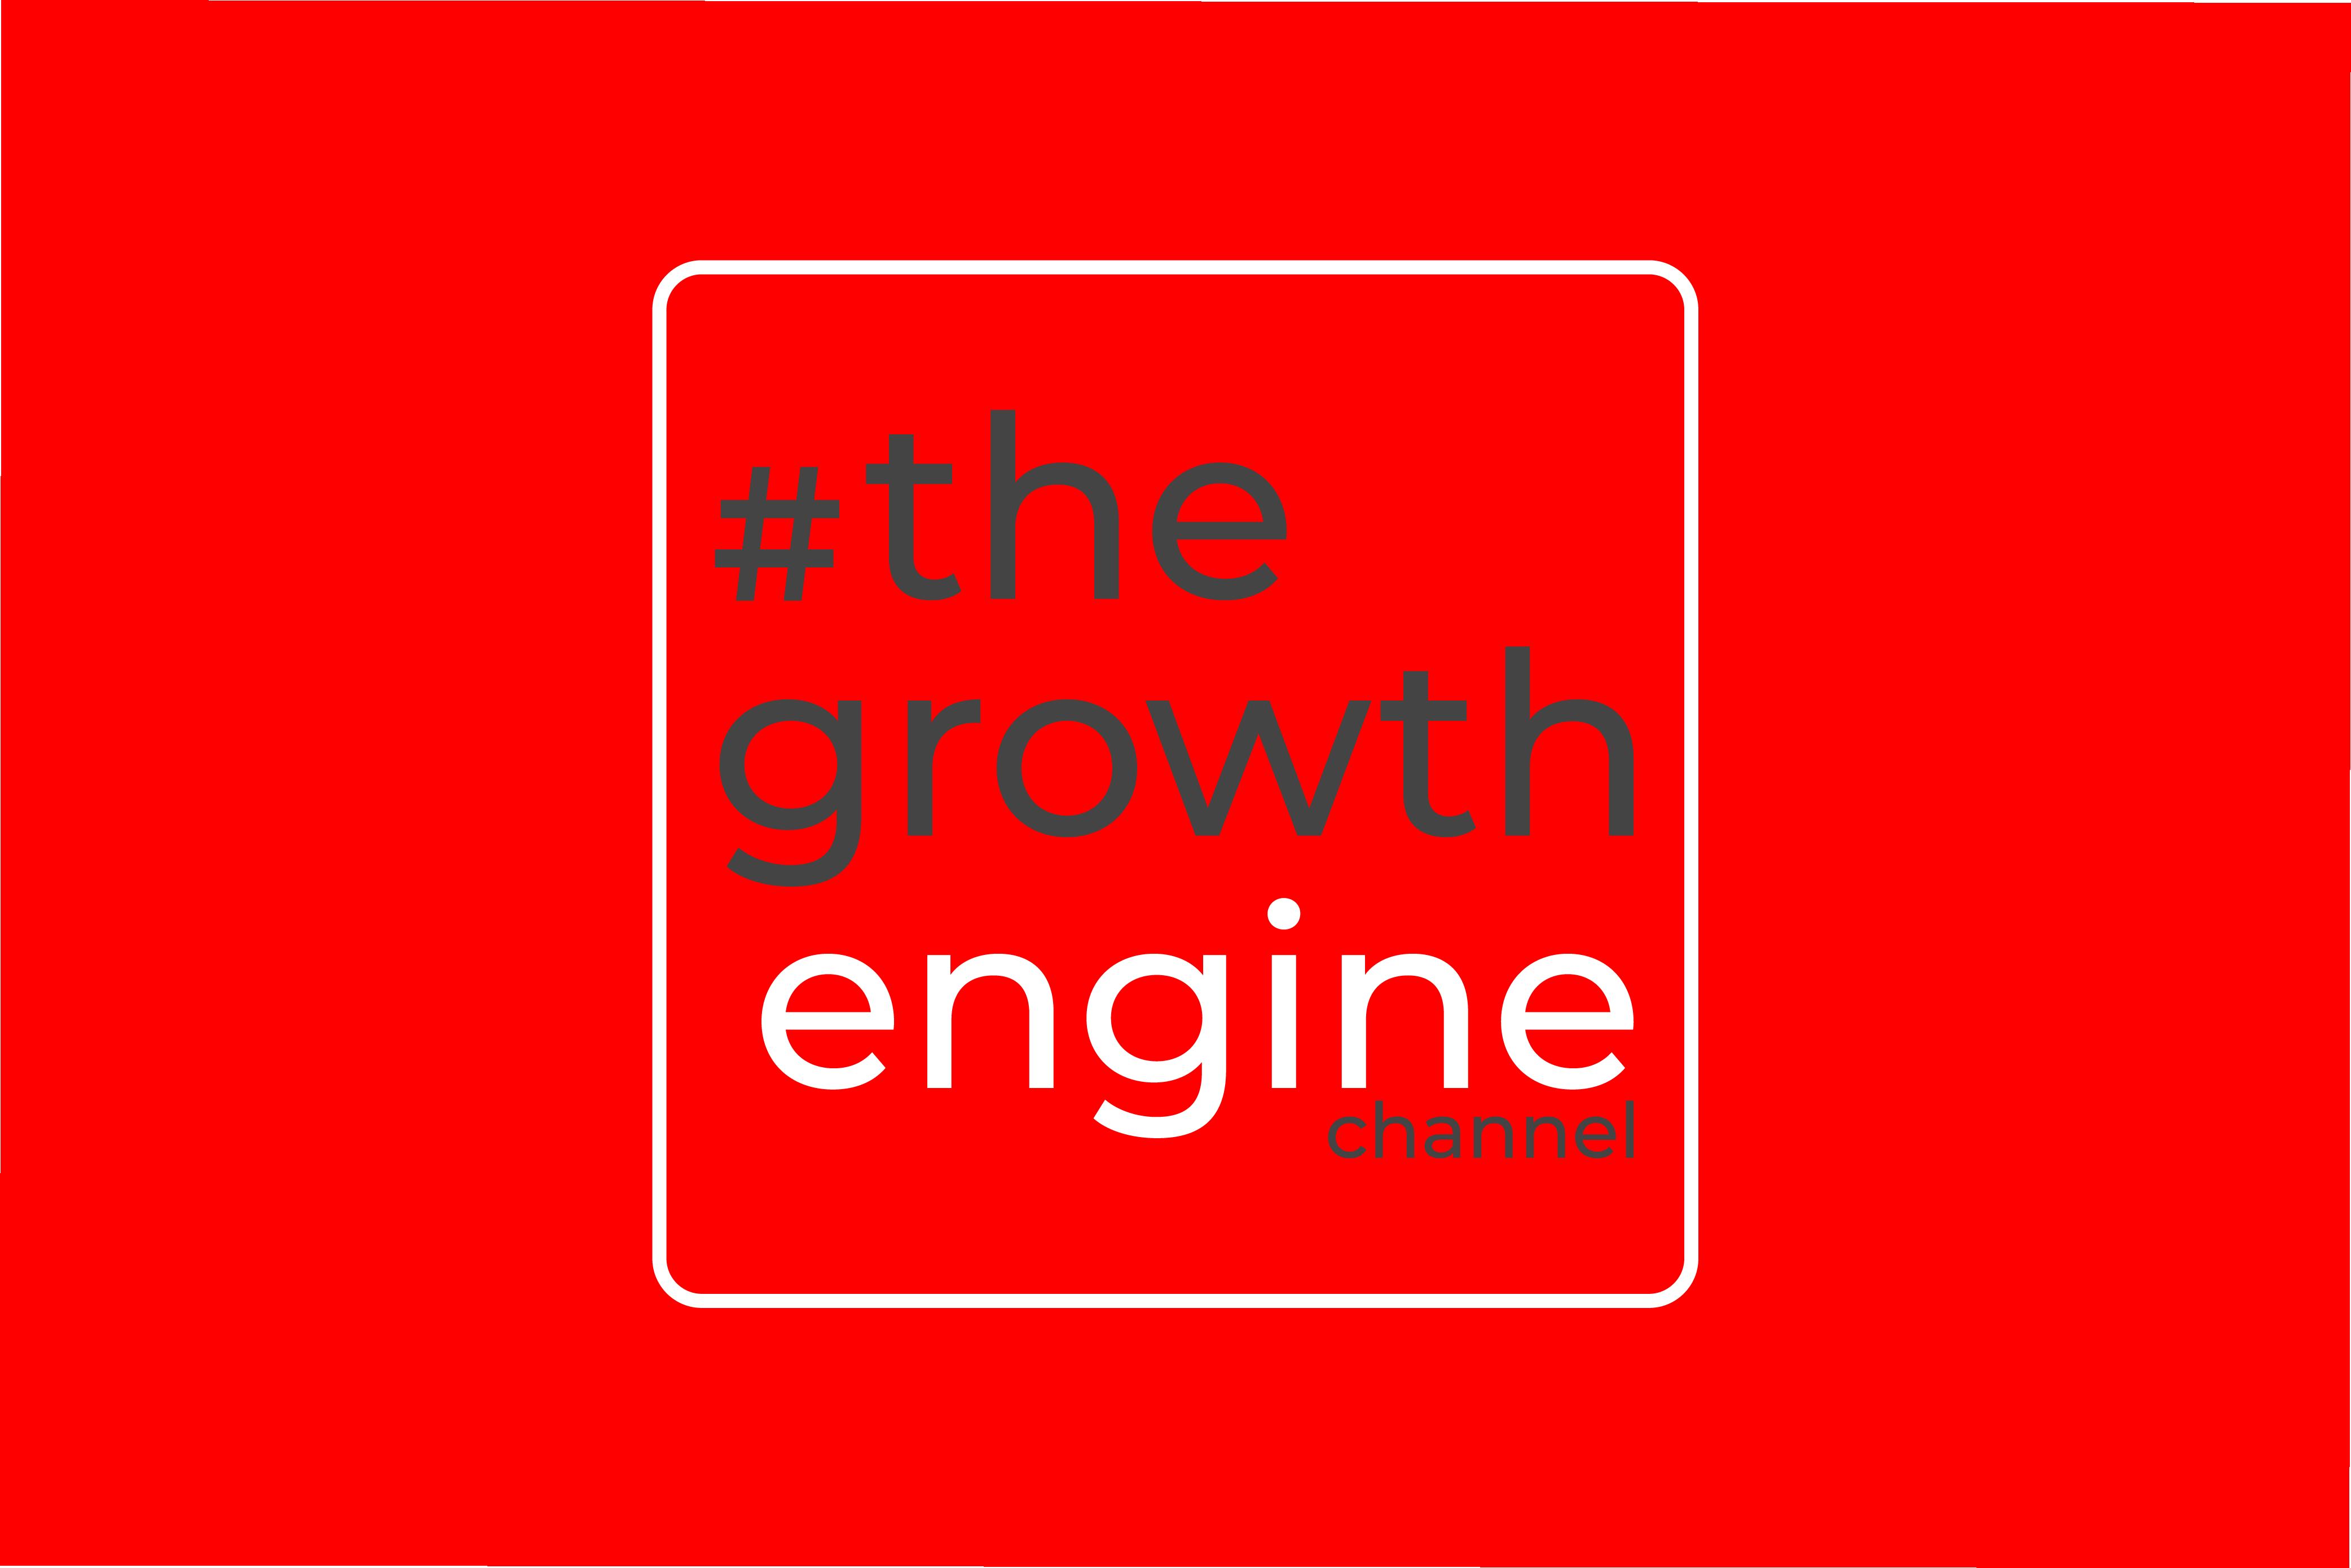 TSH - Growth Engine Channel